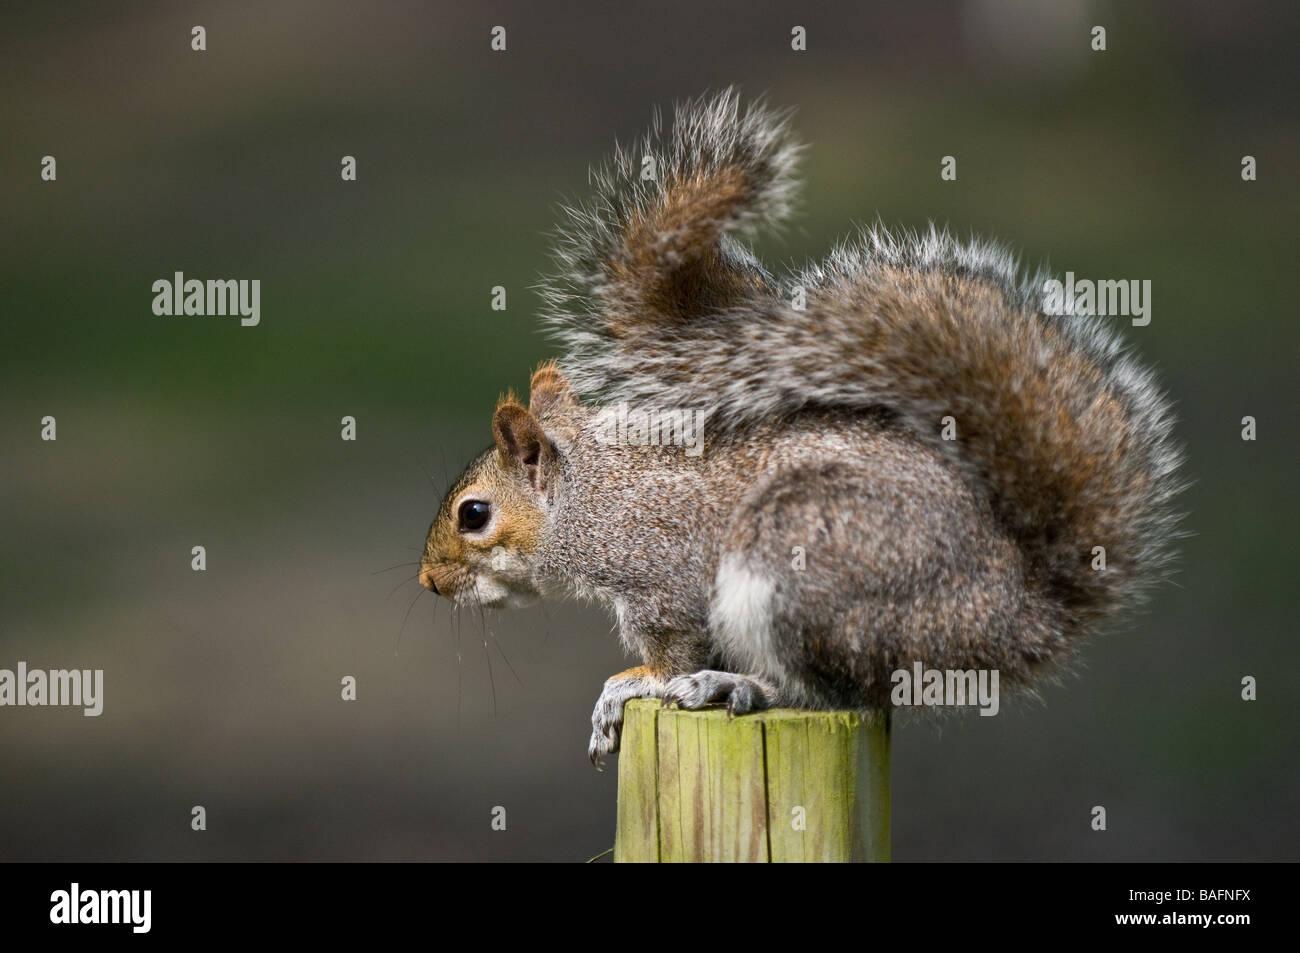 A Grey Squirrel - Sciurus caroliniensis. - Stock Image